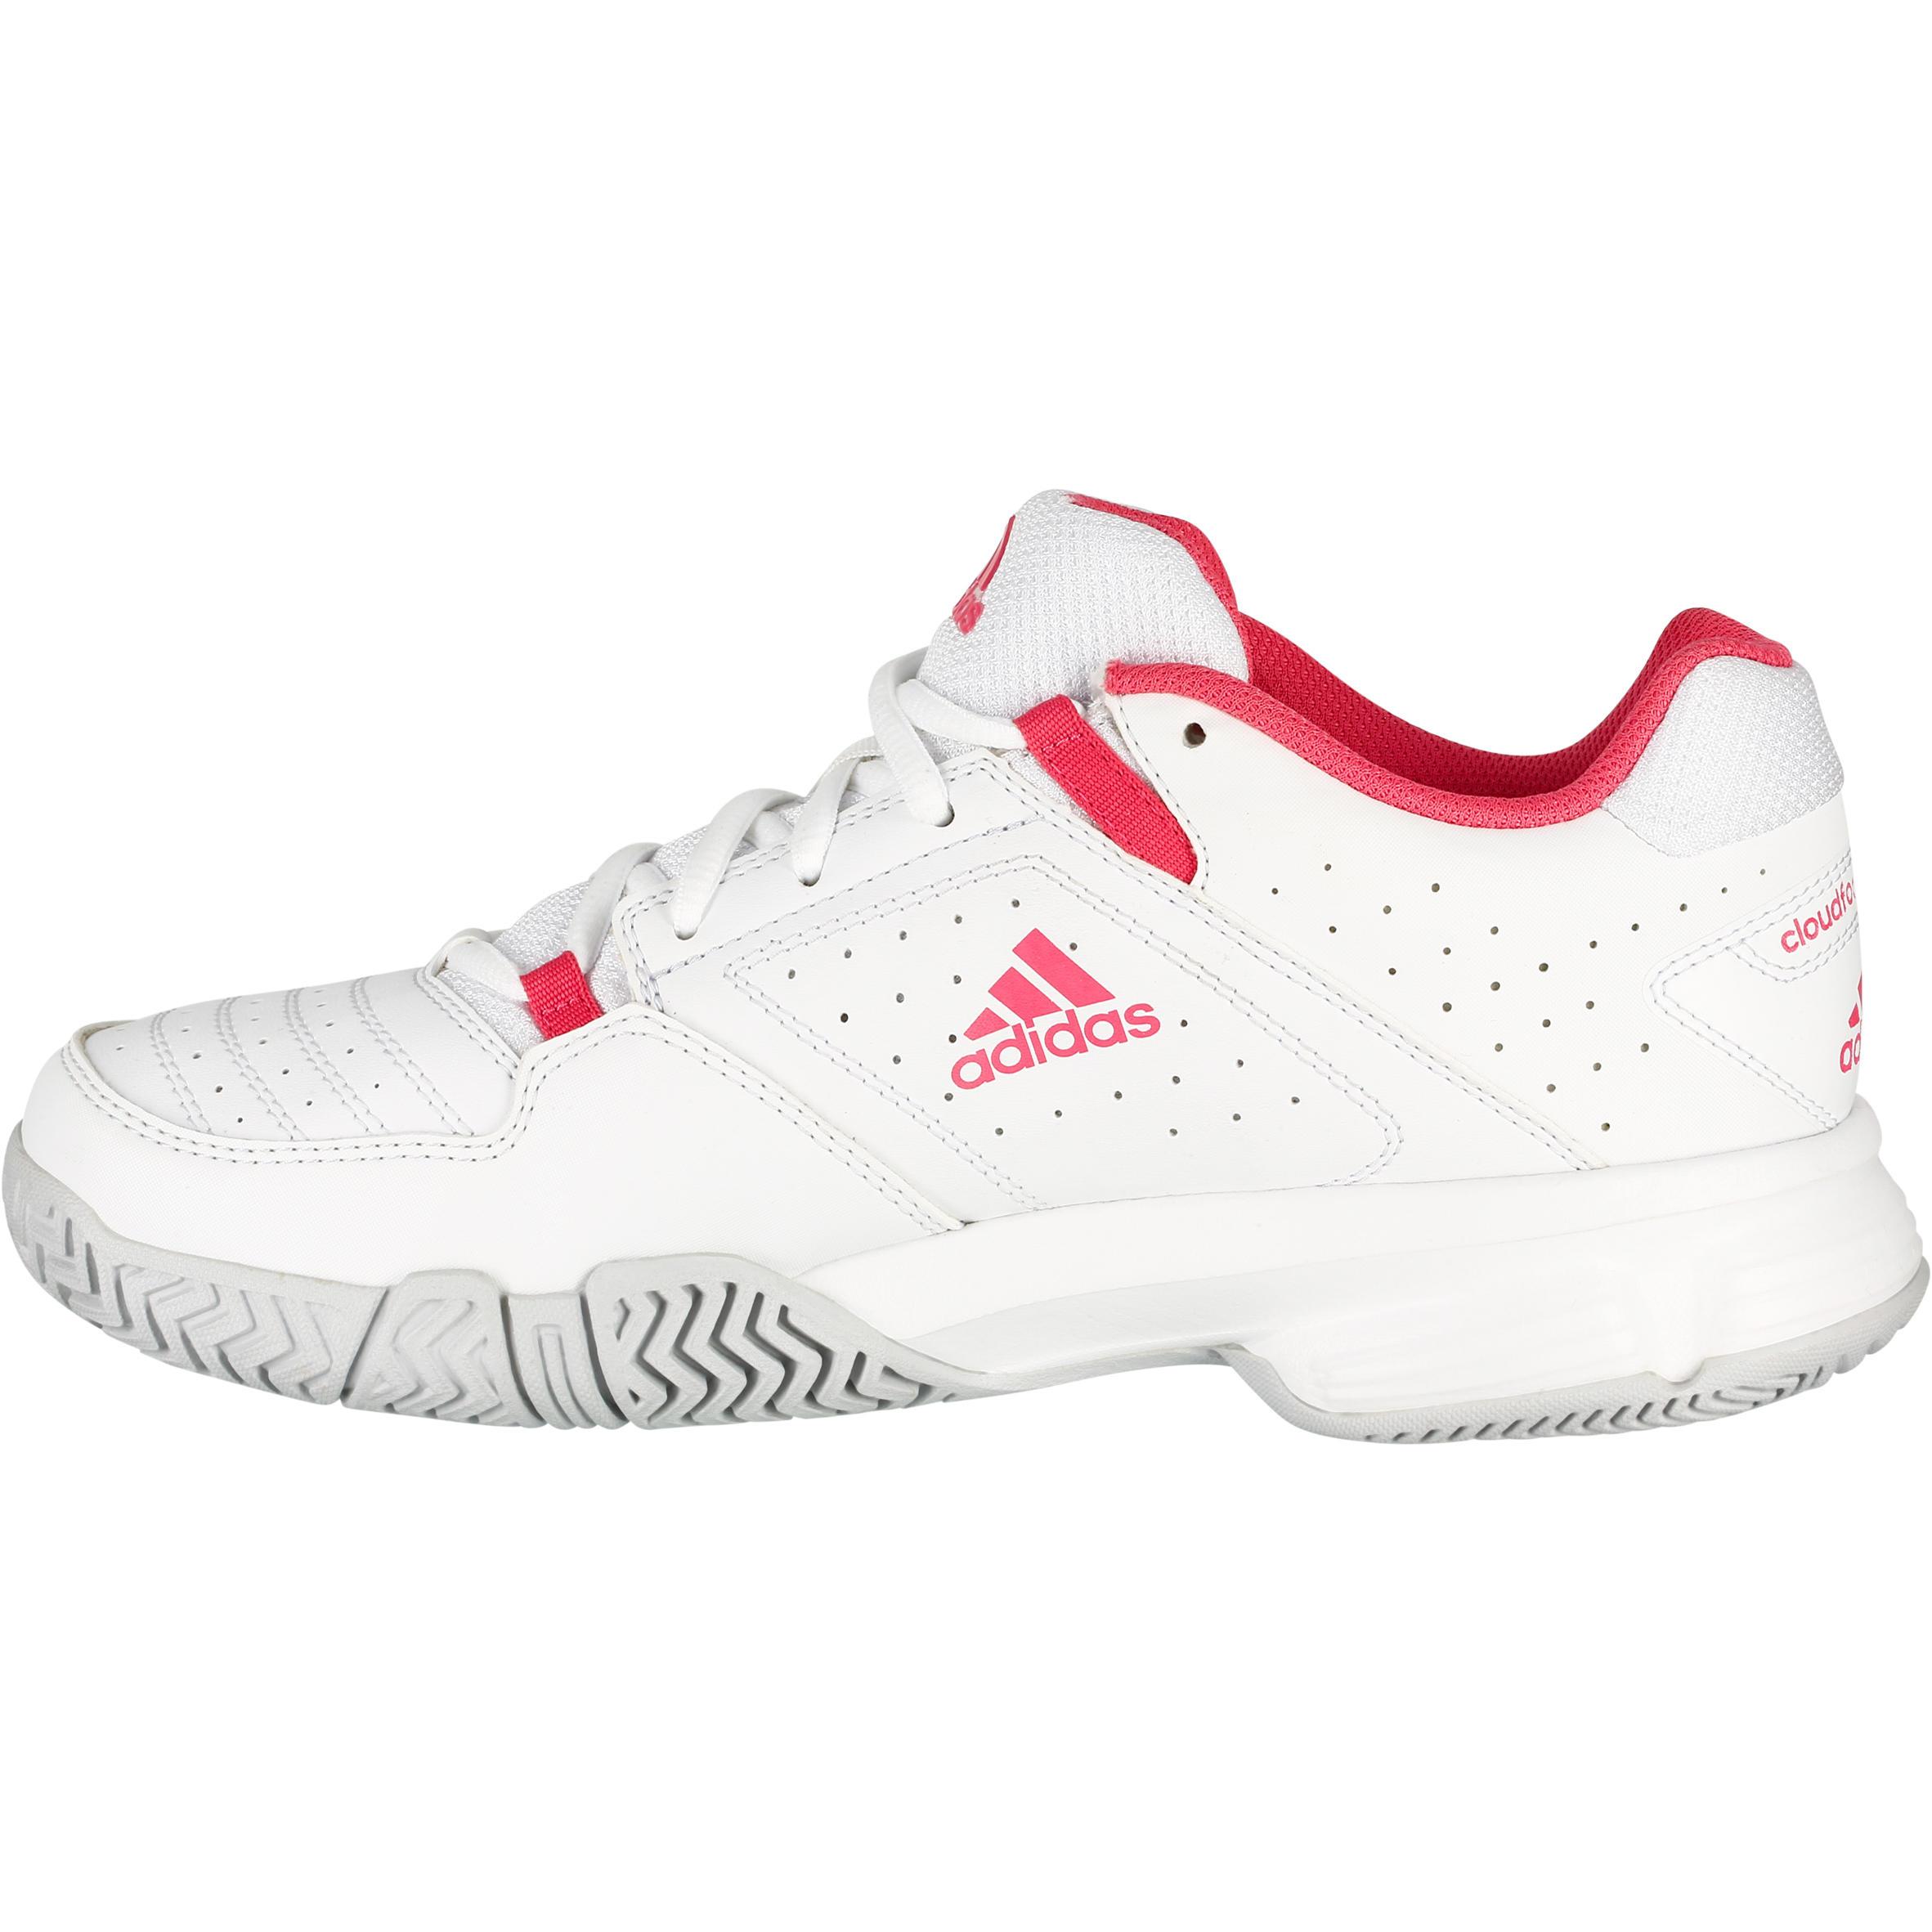 revendeur d7289 dc85a Court Adidas Cloudfoam Femme Decathlon Chaussures Tennis ...